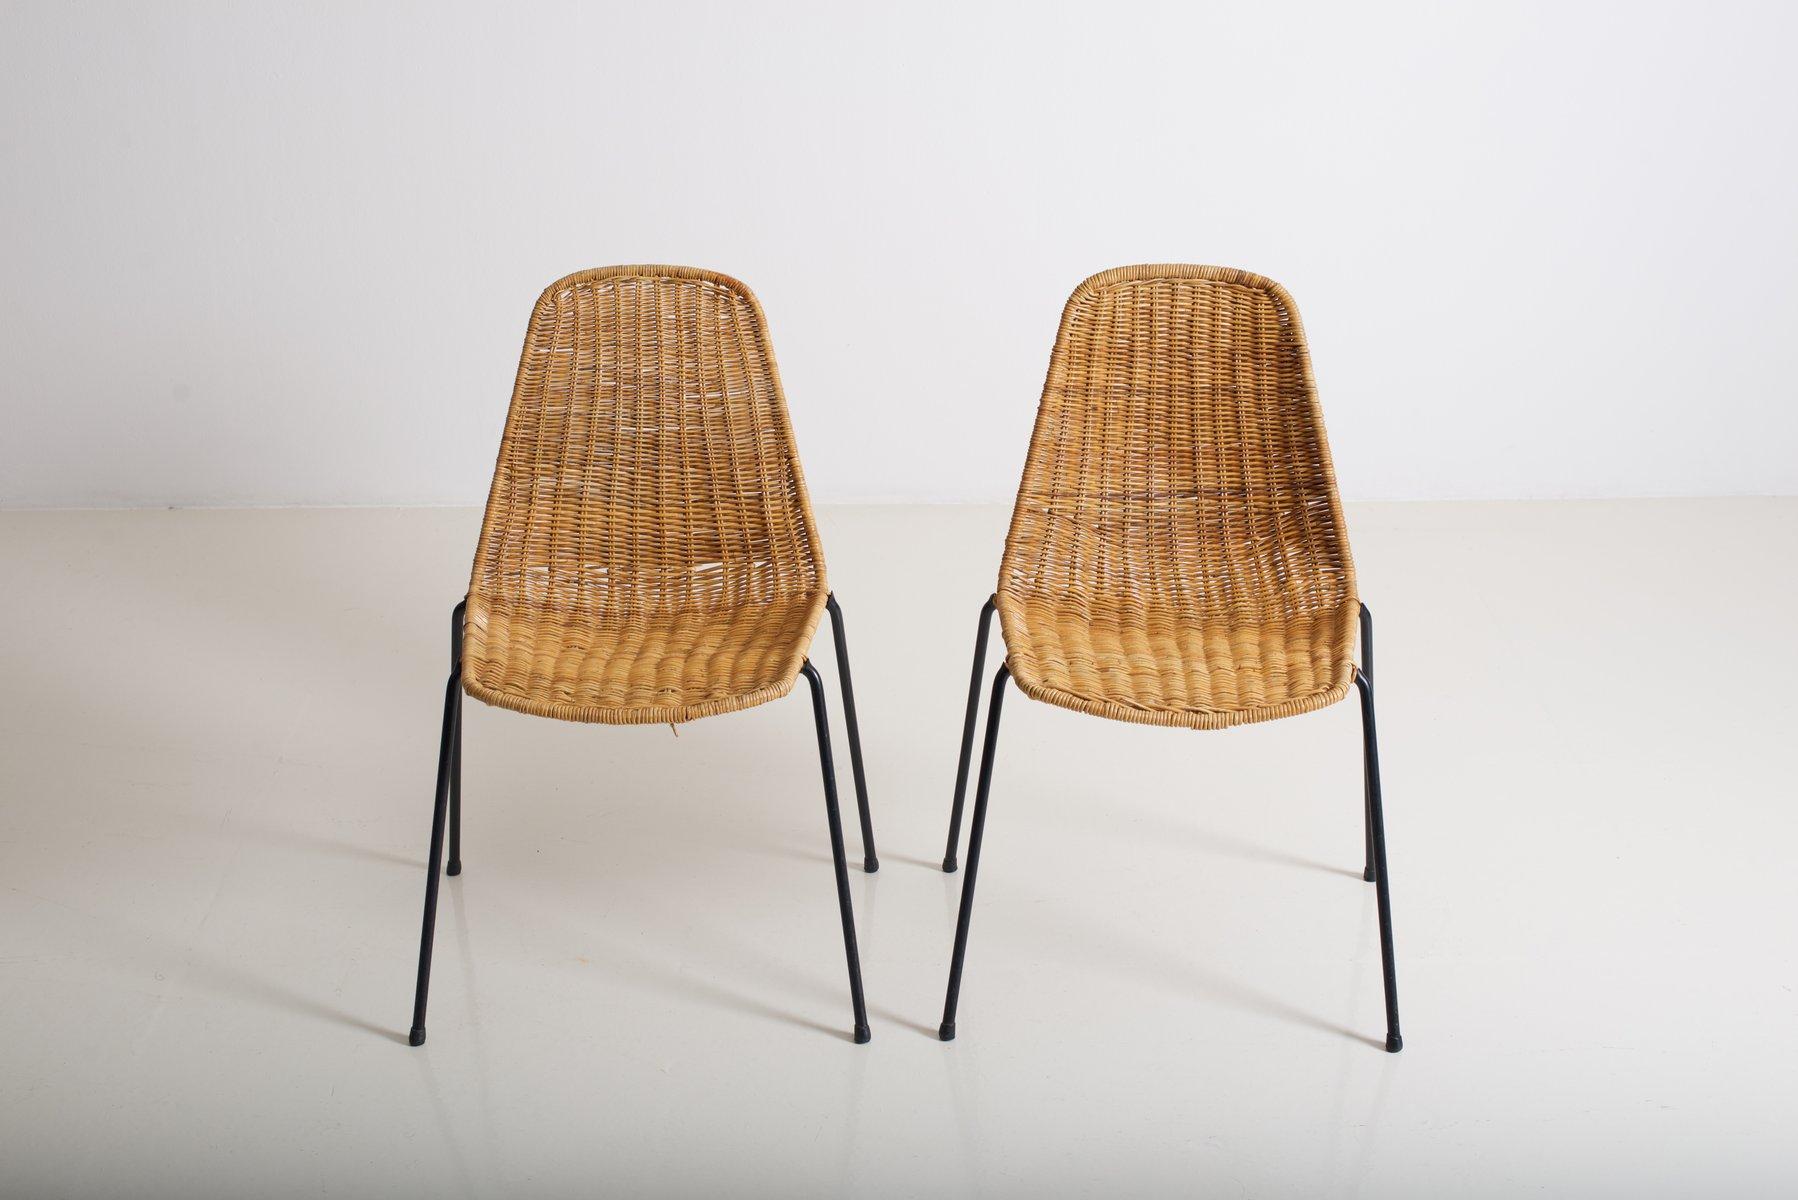 Sedie in vimini di Gian Franco Legler, 1952, set di 2 in vendita su ...